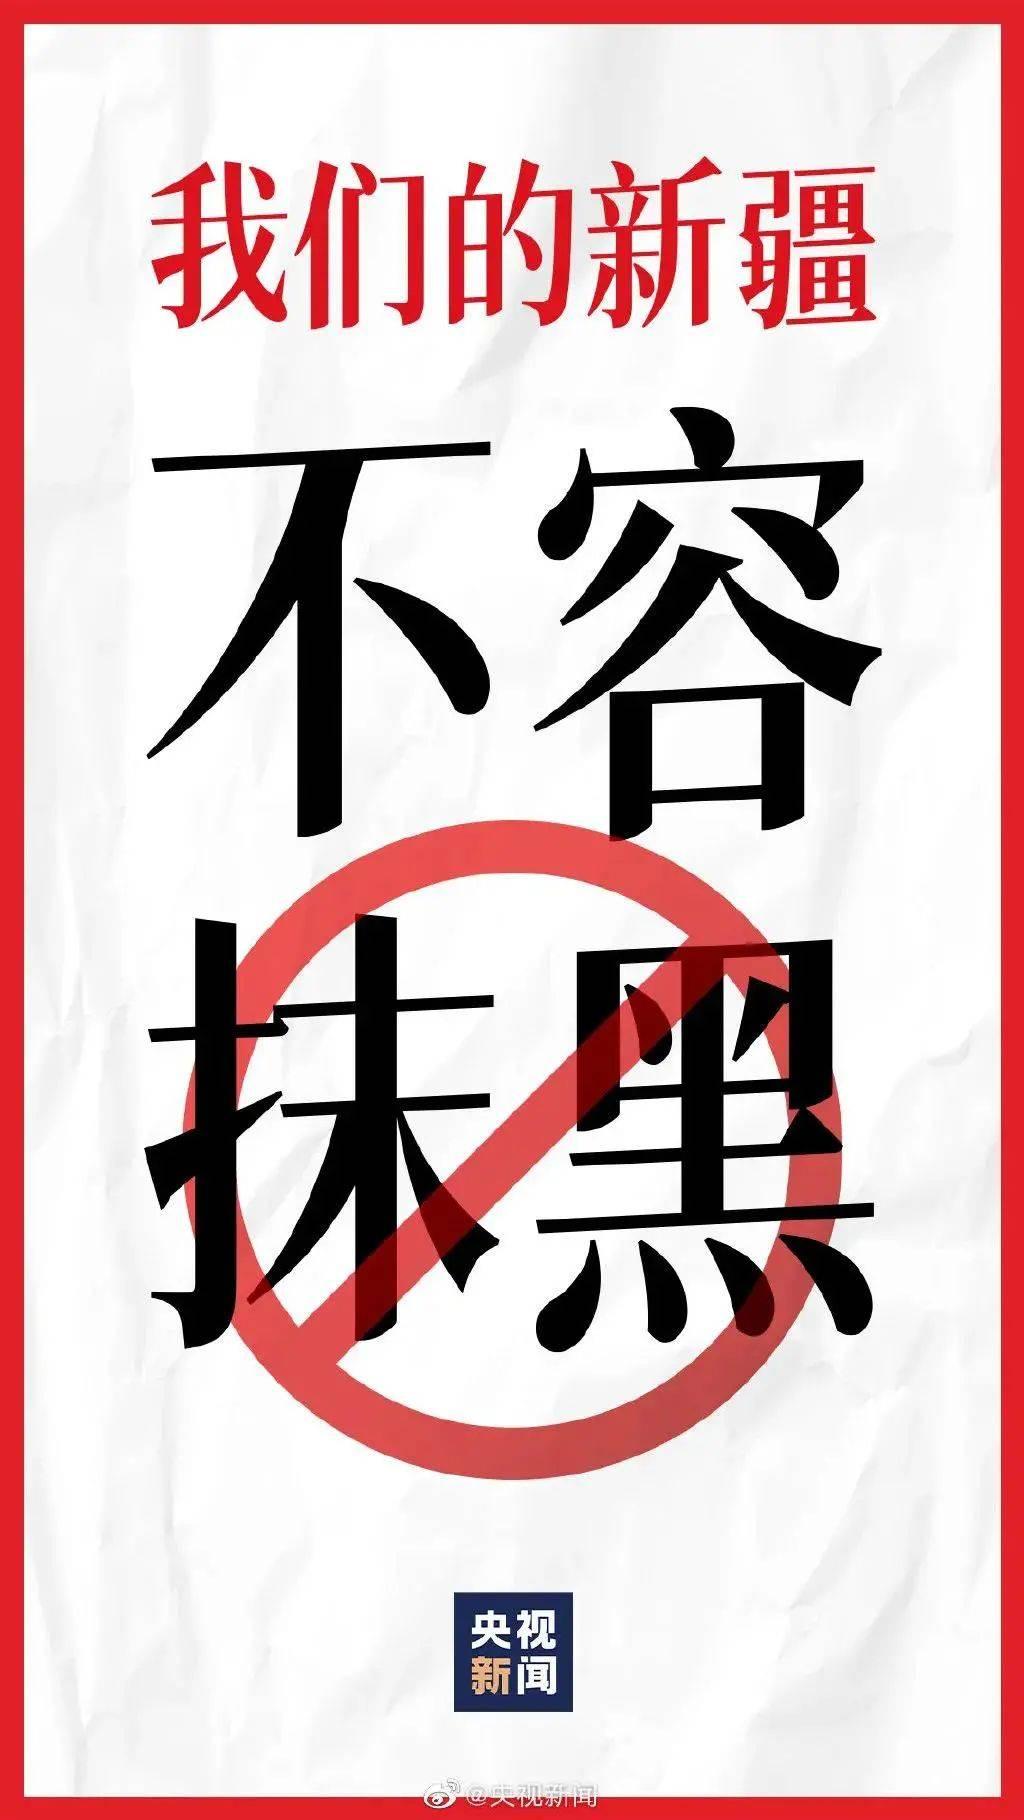 布卡为什么在中国禁止 阿富汗女人为什么穿布卡